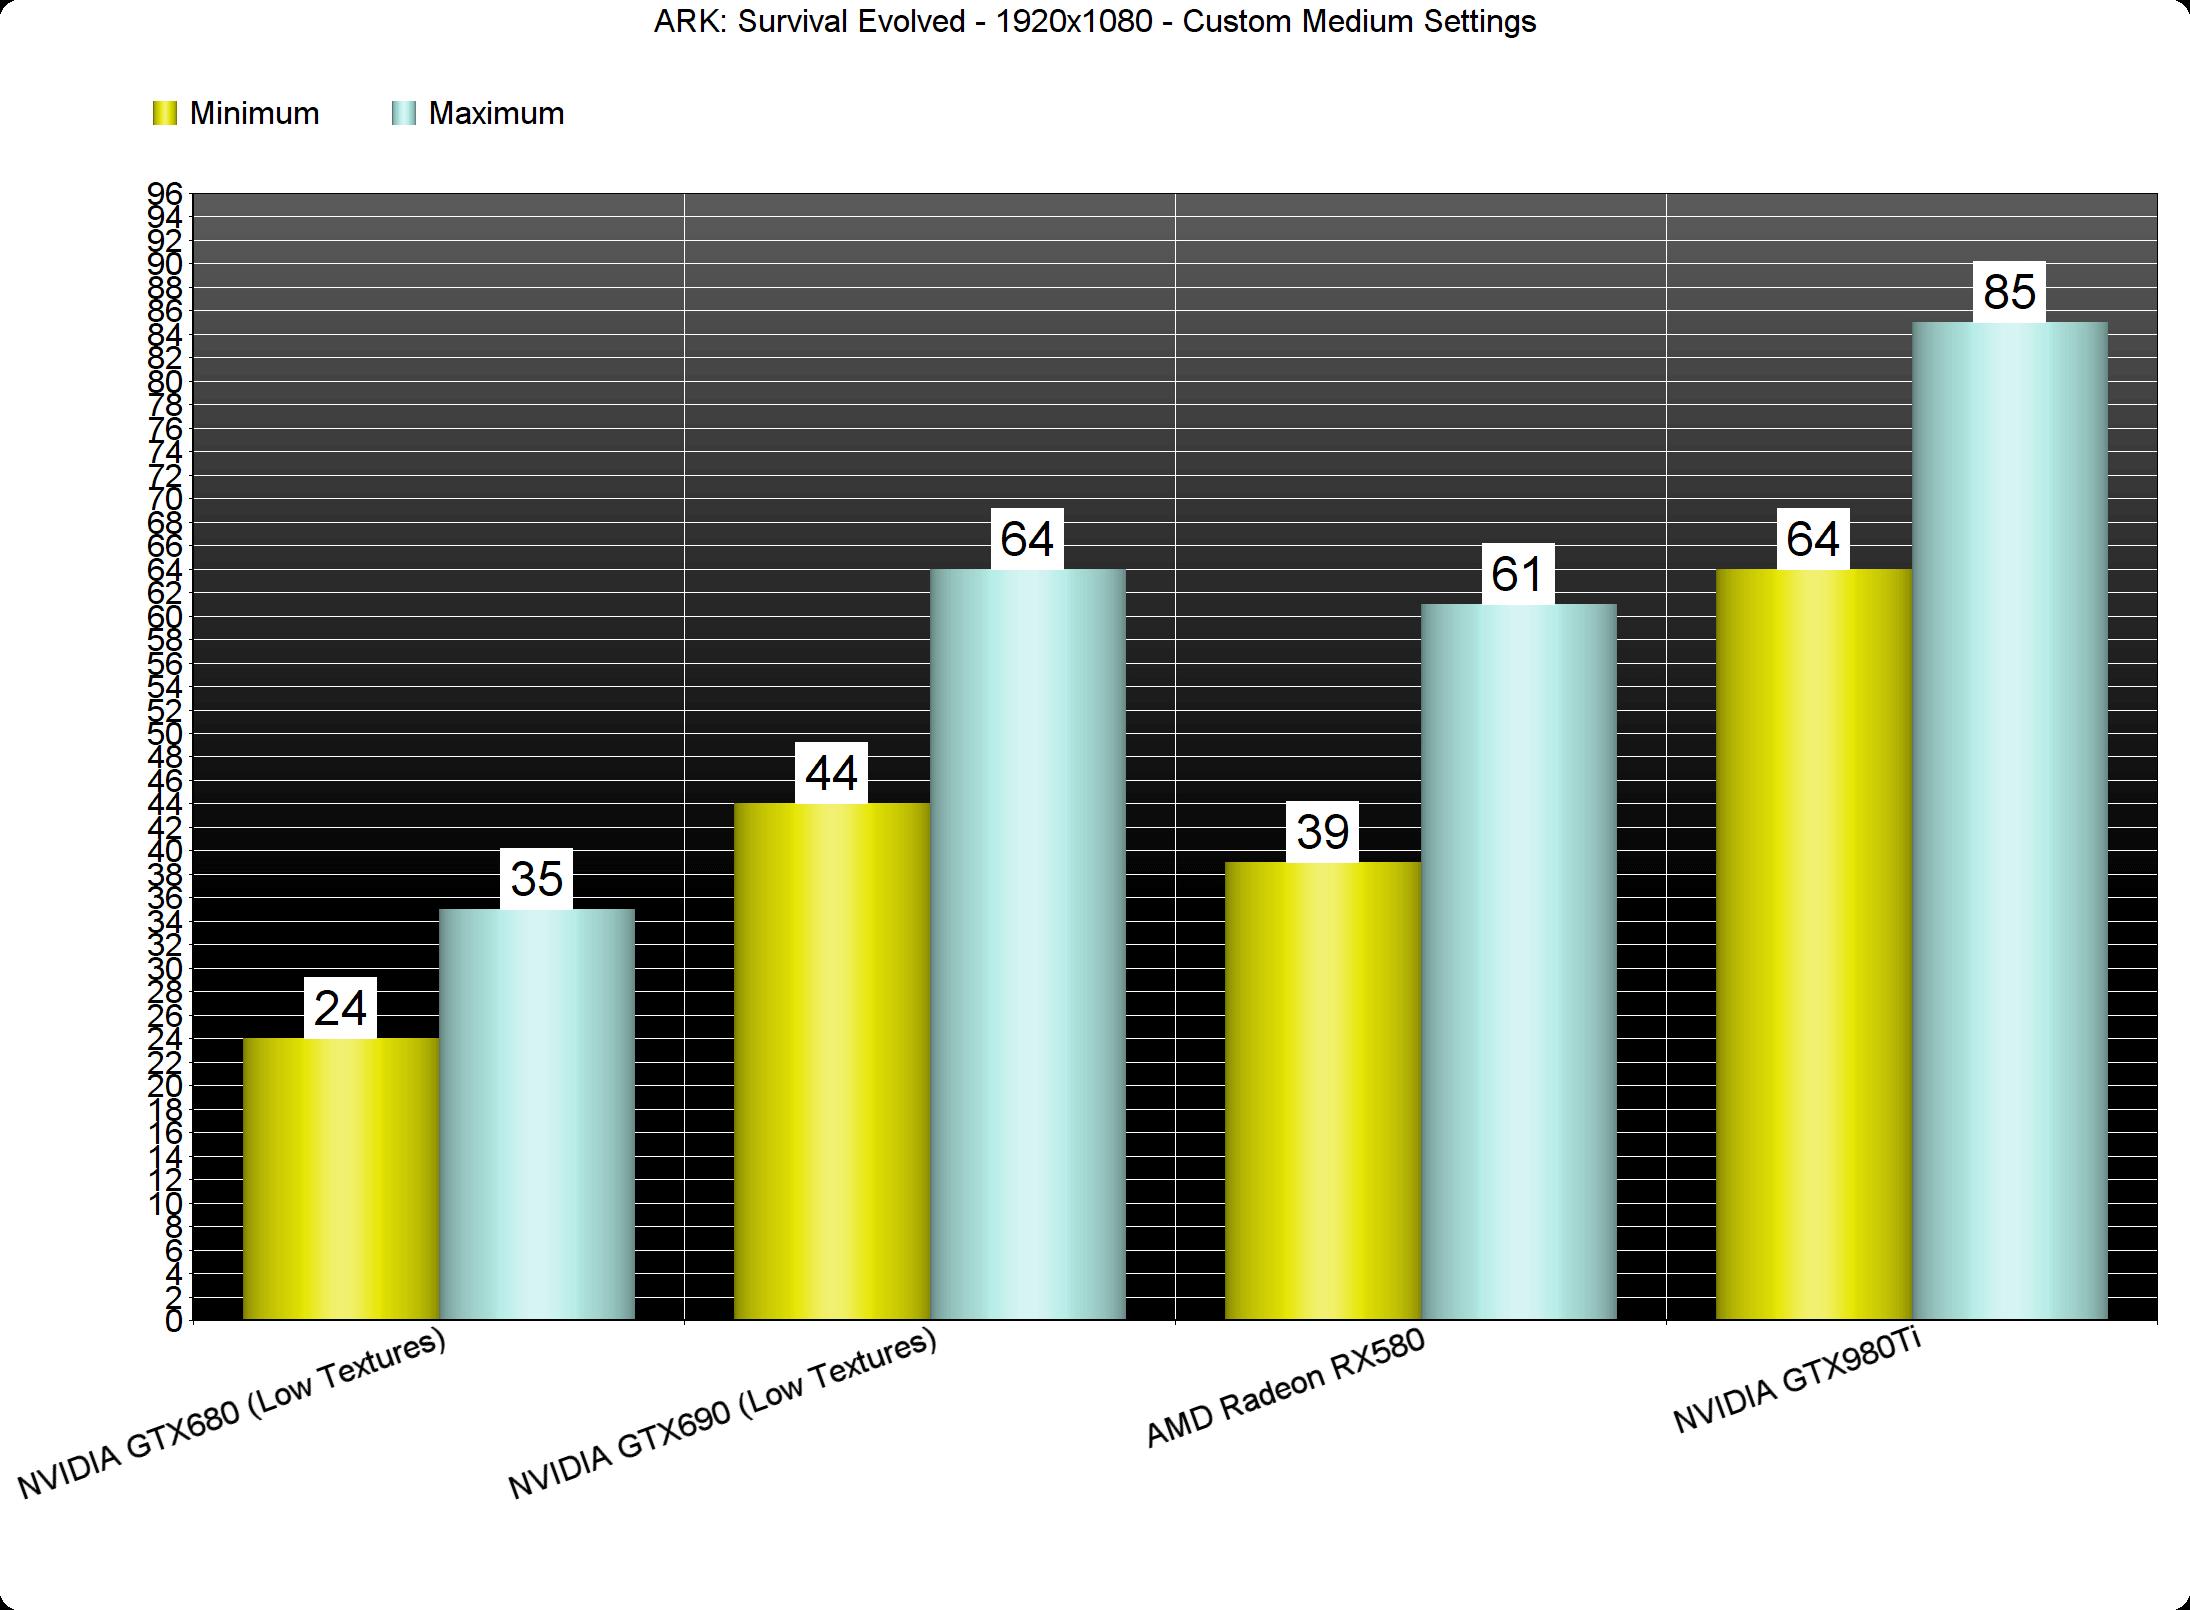 ARK: Survival Evolved PC Performance Analysis - DSOGaming